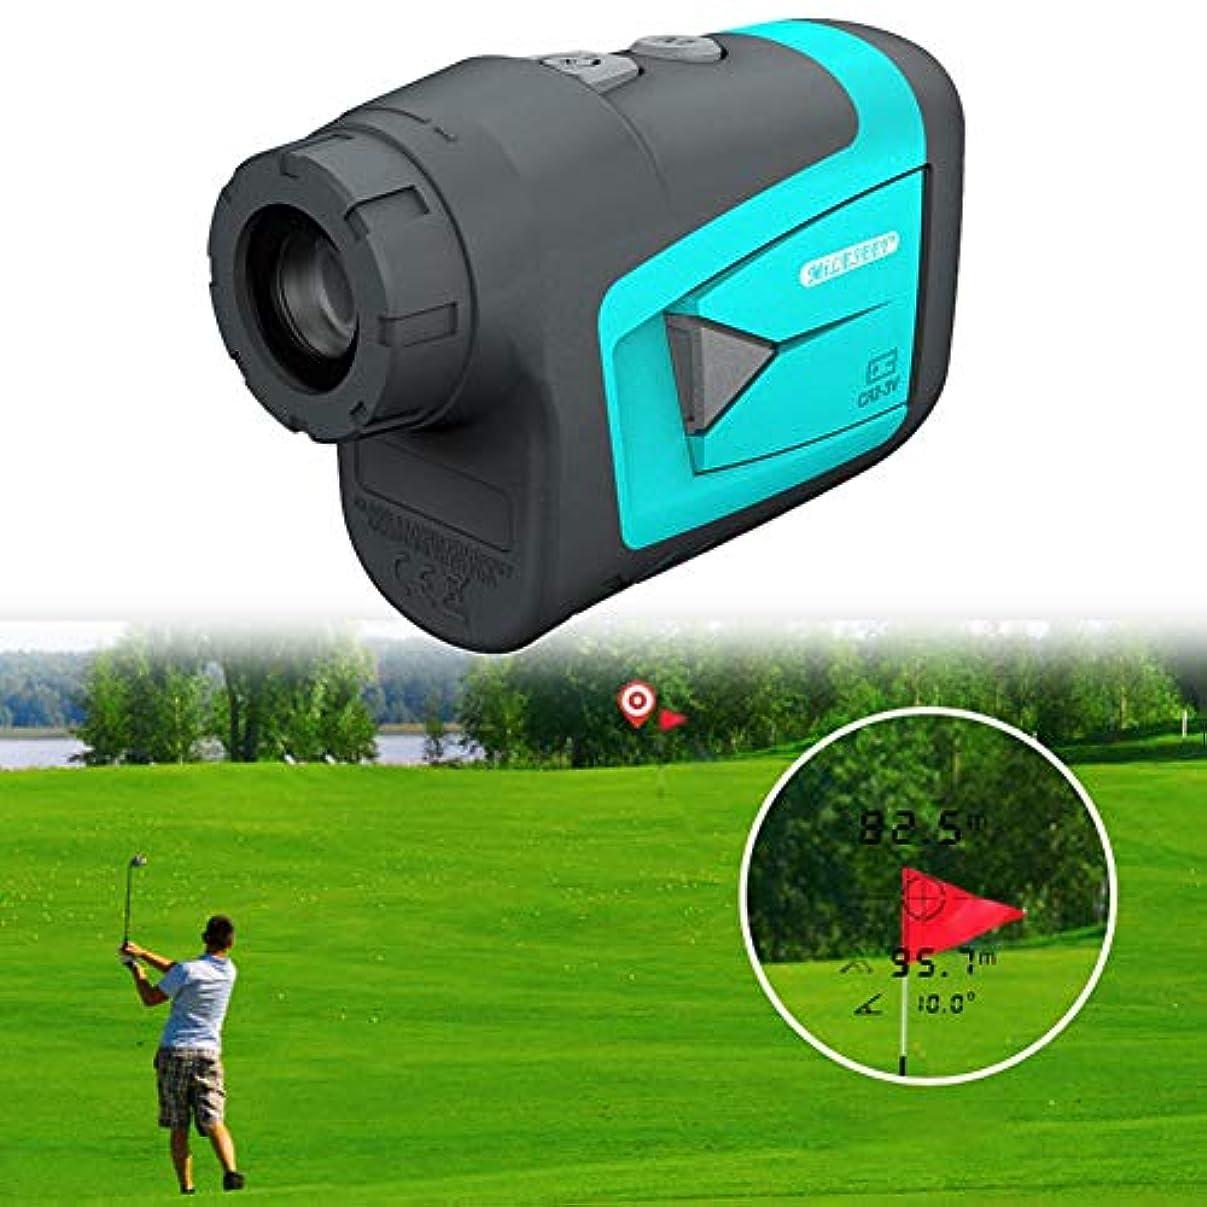 コンチネンタルレトルトソーシャルcolmall 距離計 600m ゴルフ用 距離測定器 ゴルフスコープ 計測器 光学6x倍望遠 角度データ生活防水程度など コンパクト 携帯に便利 helpful